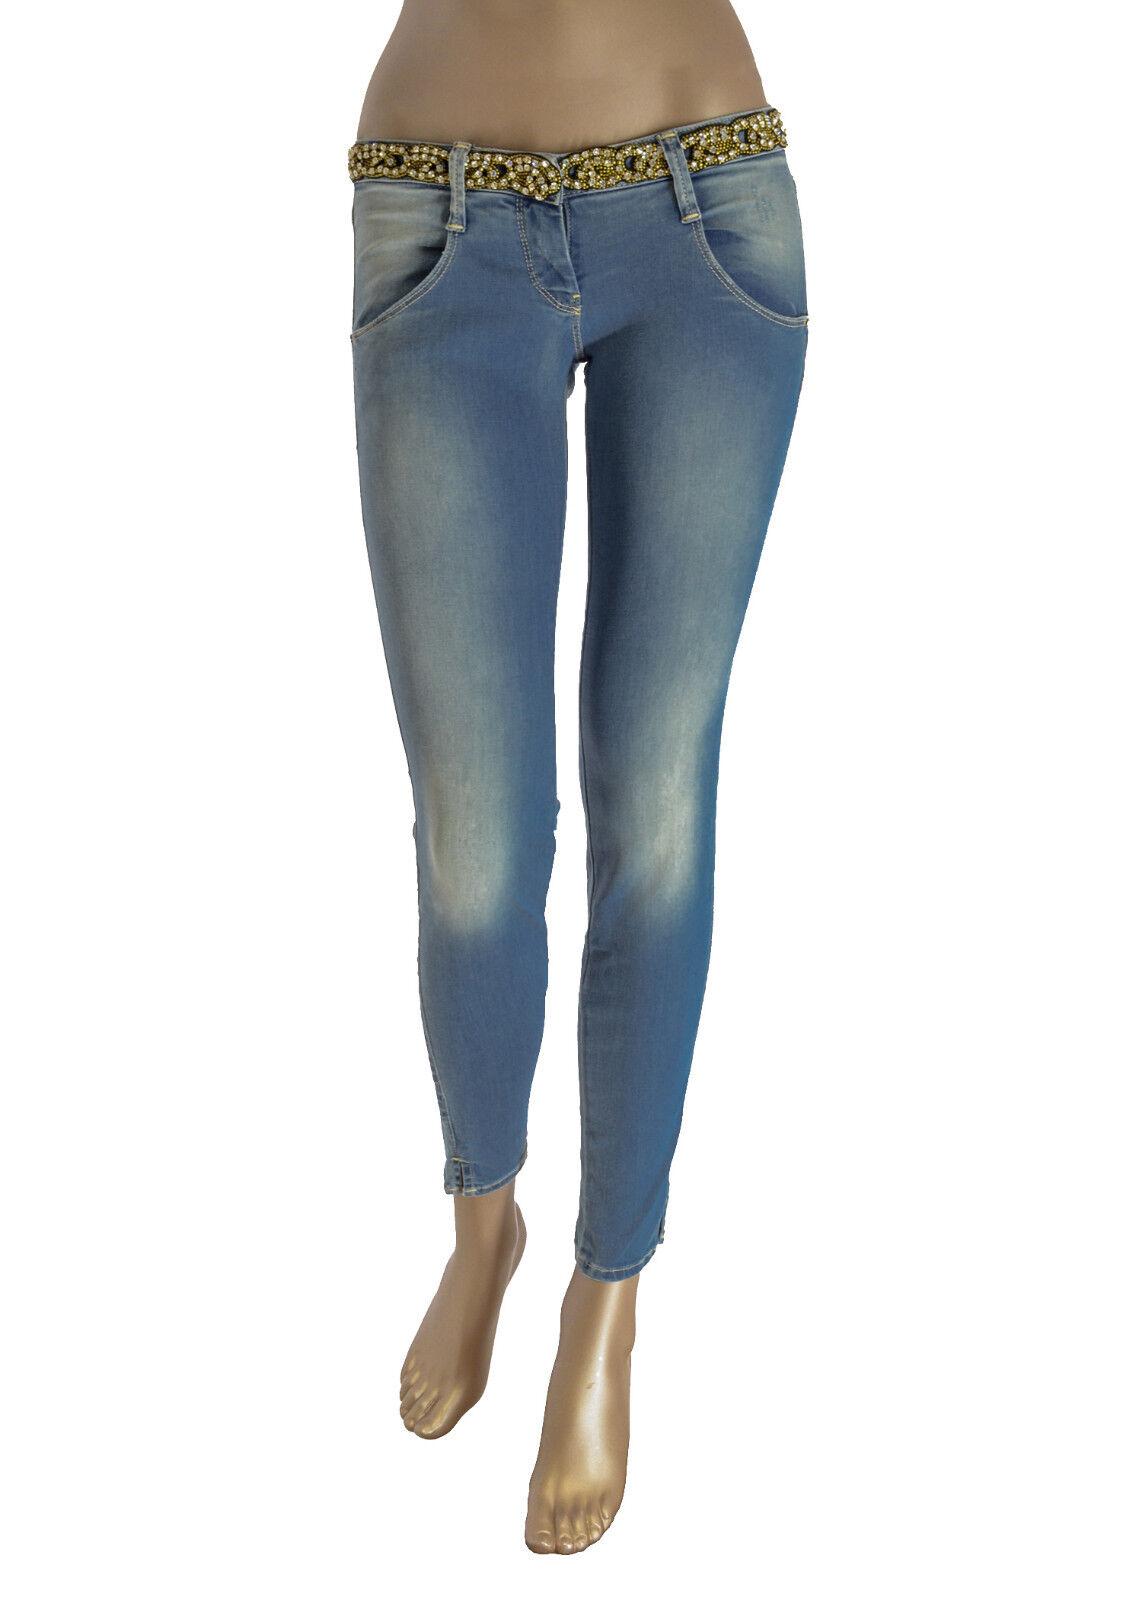 jeans donna MET effetto delave Cintura non removibile con strass -serie gioiello